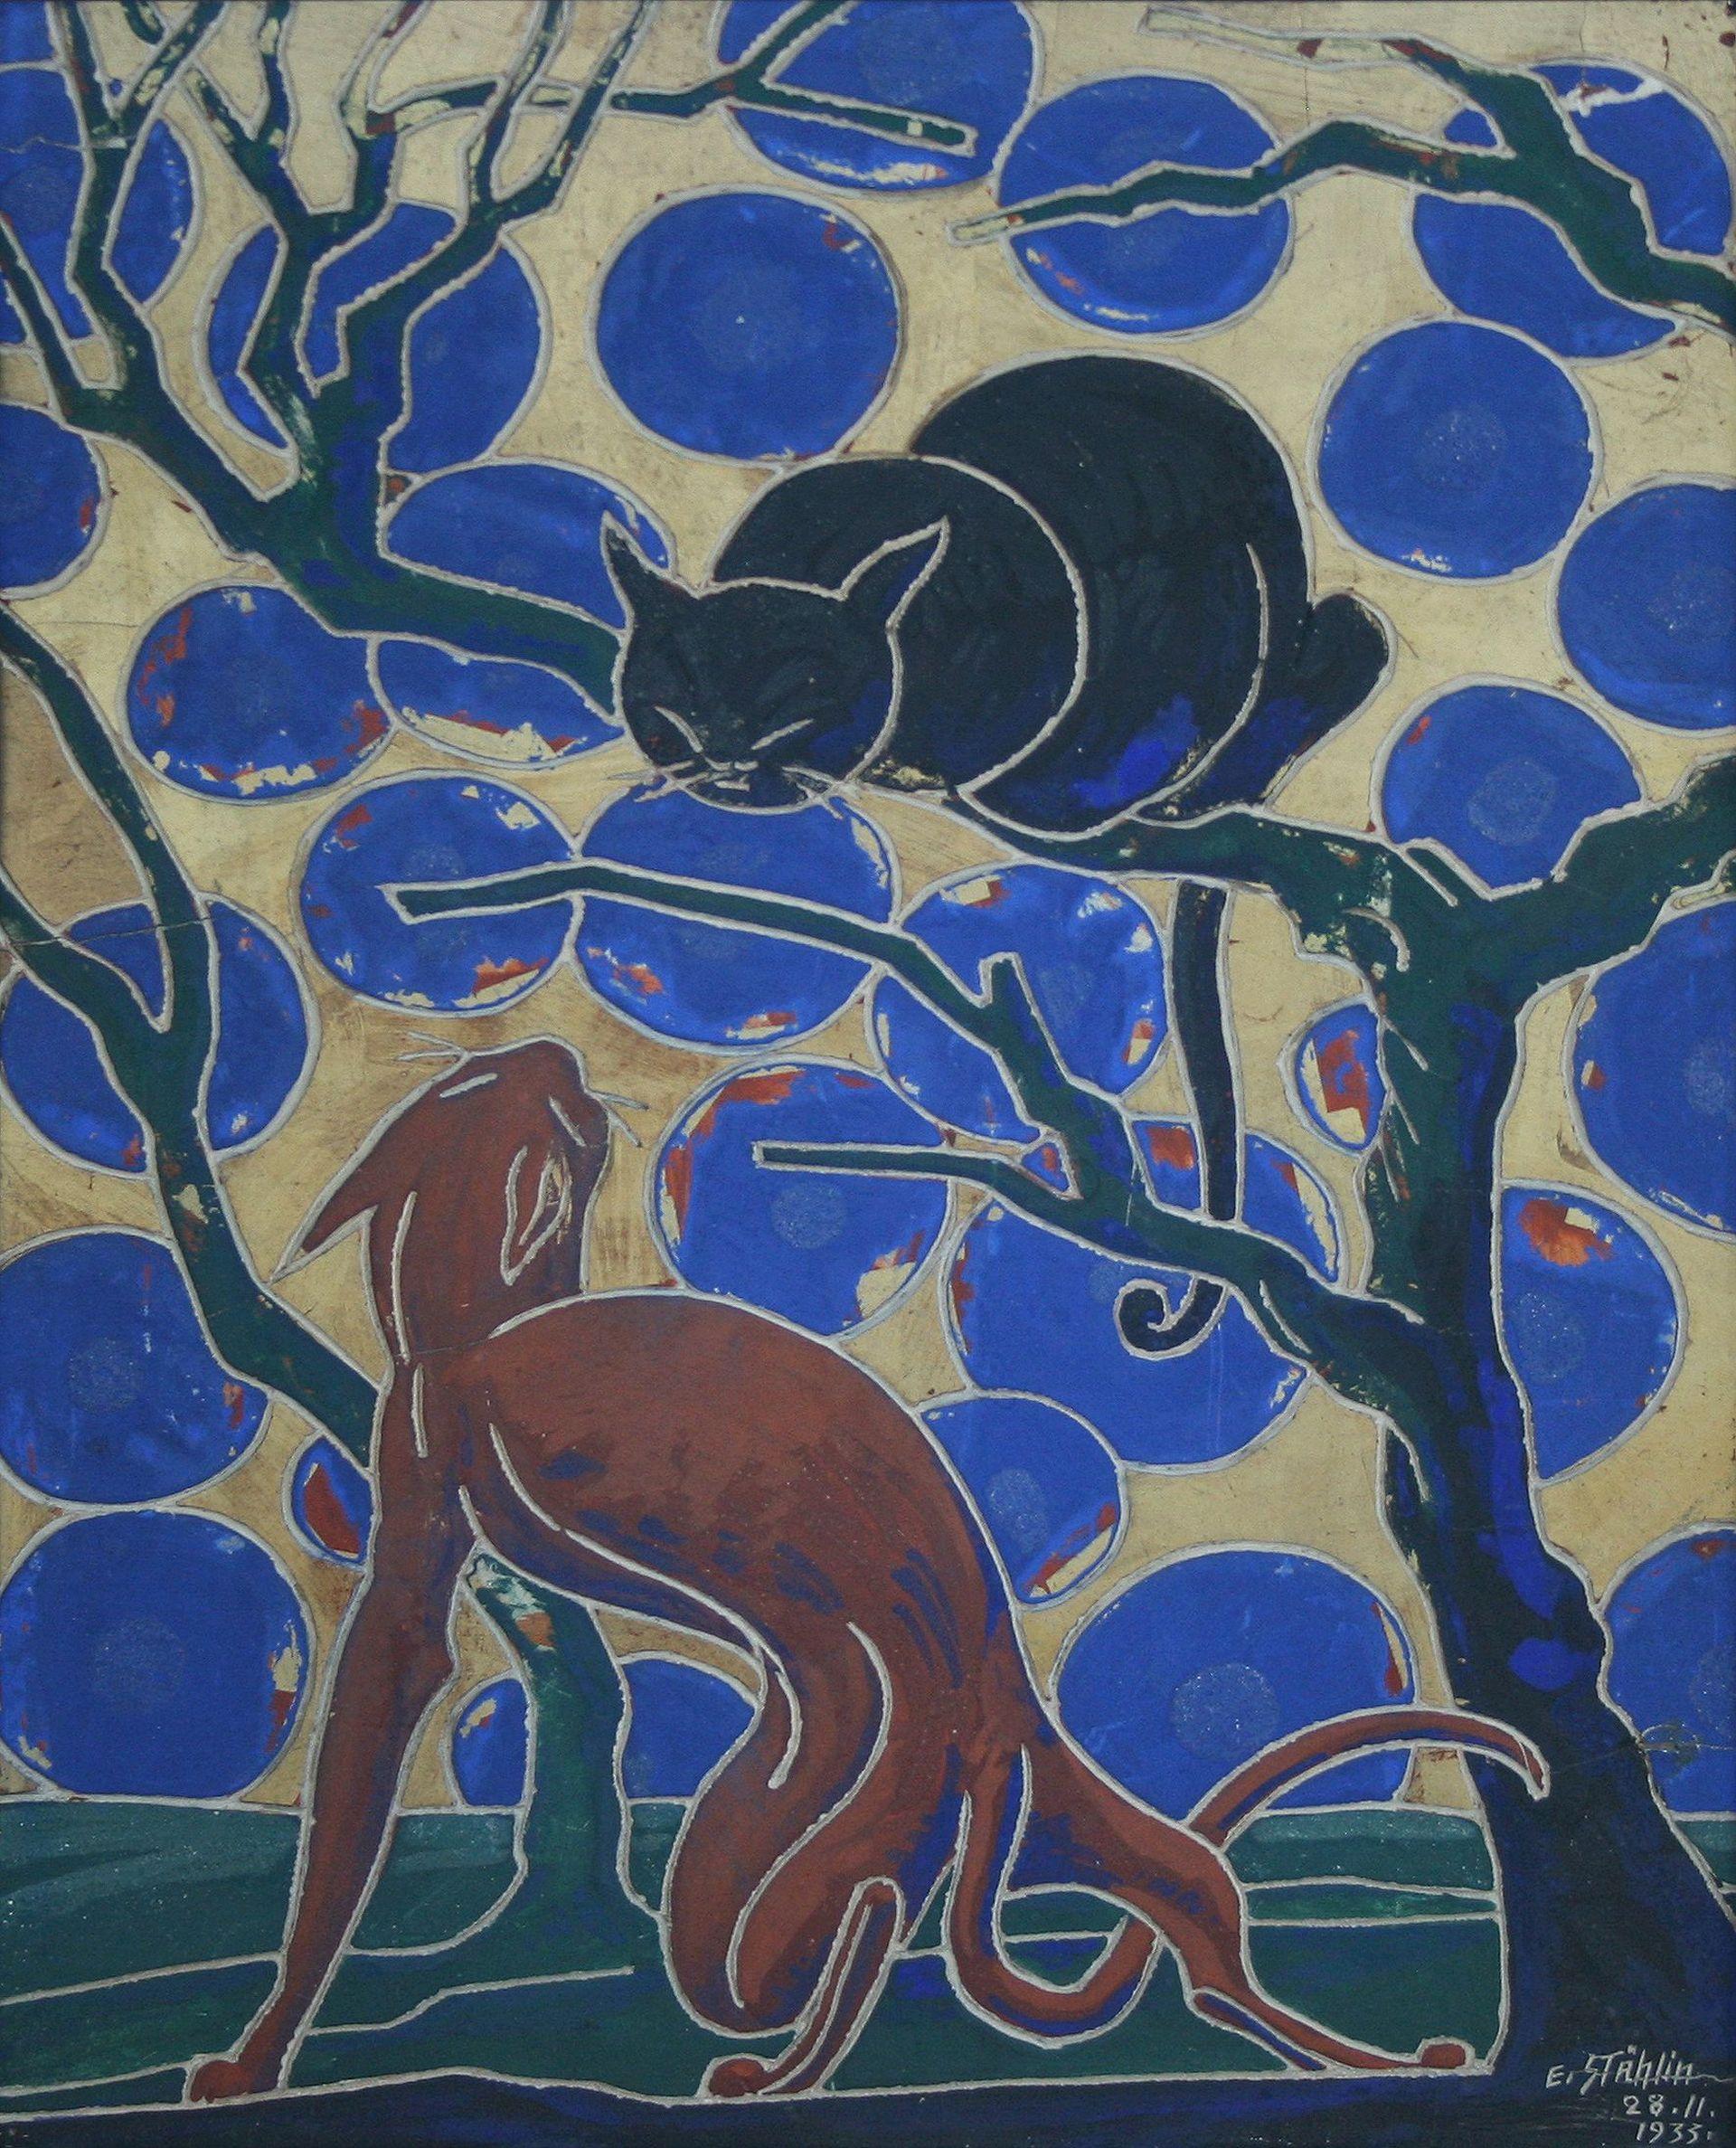 Erwin Stählin-Two cats I.